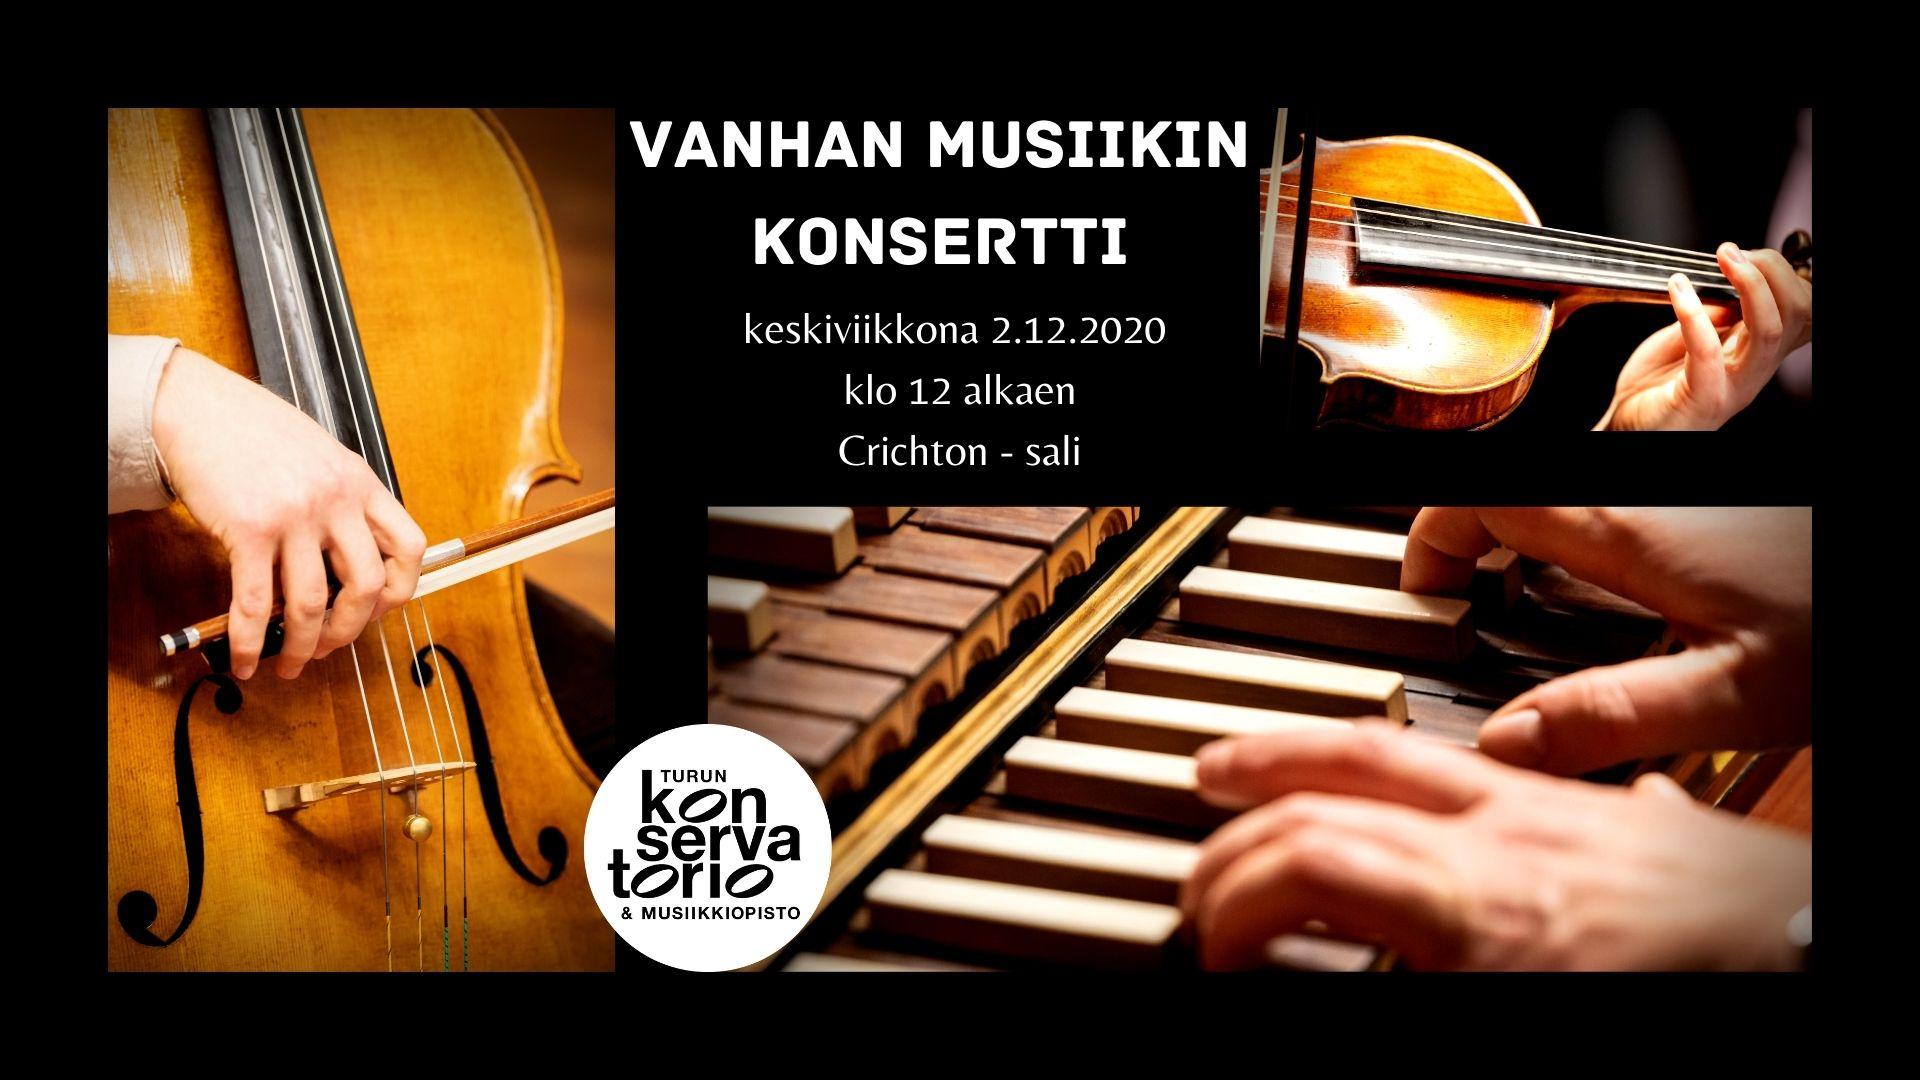 Mainos vanhan musiikin konsertista, kuvassa jousisoittimia ja cembaloa soittavat kädet.